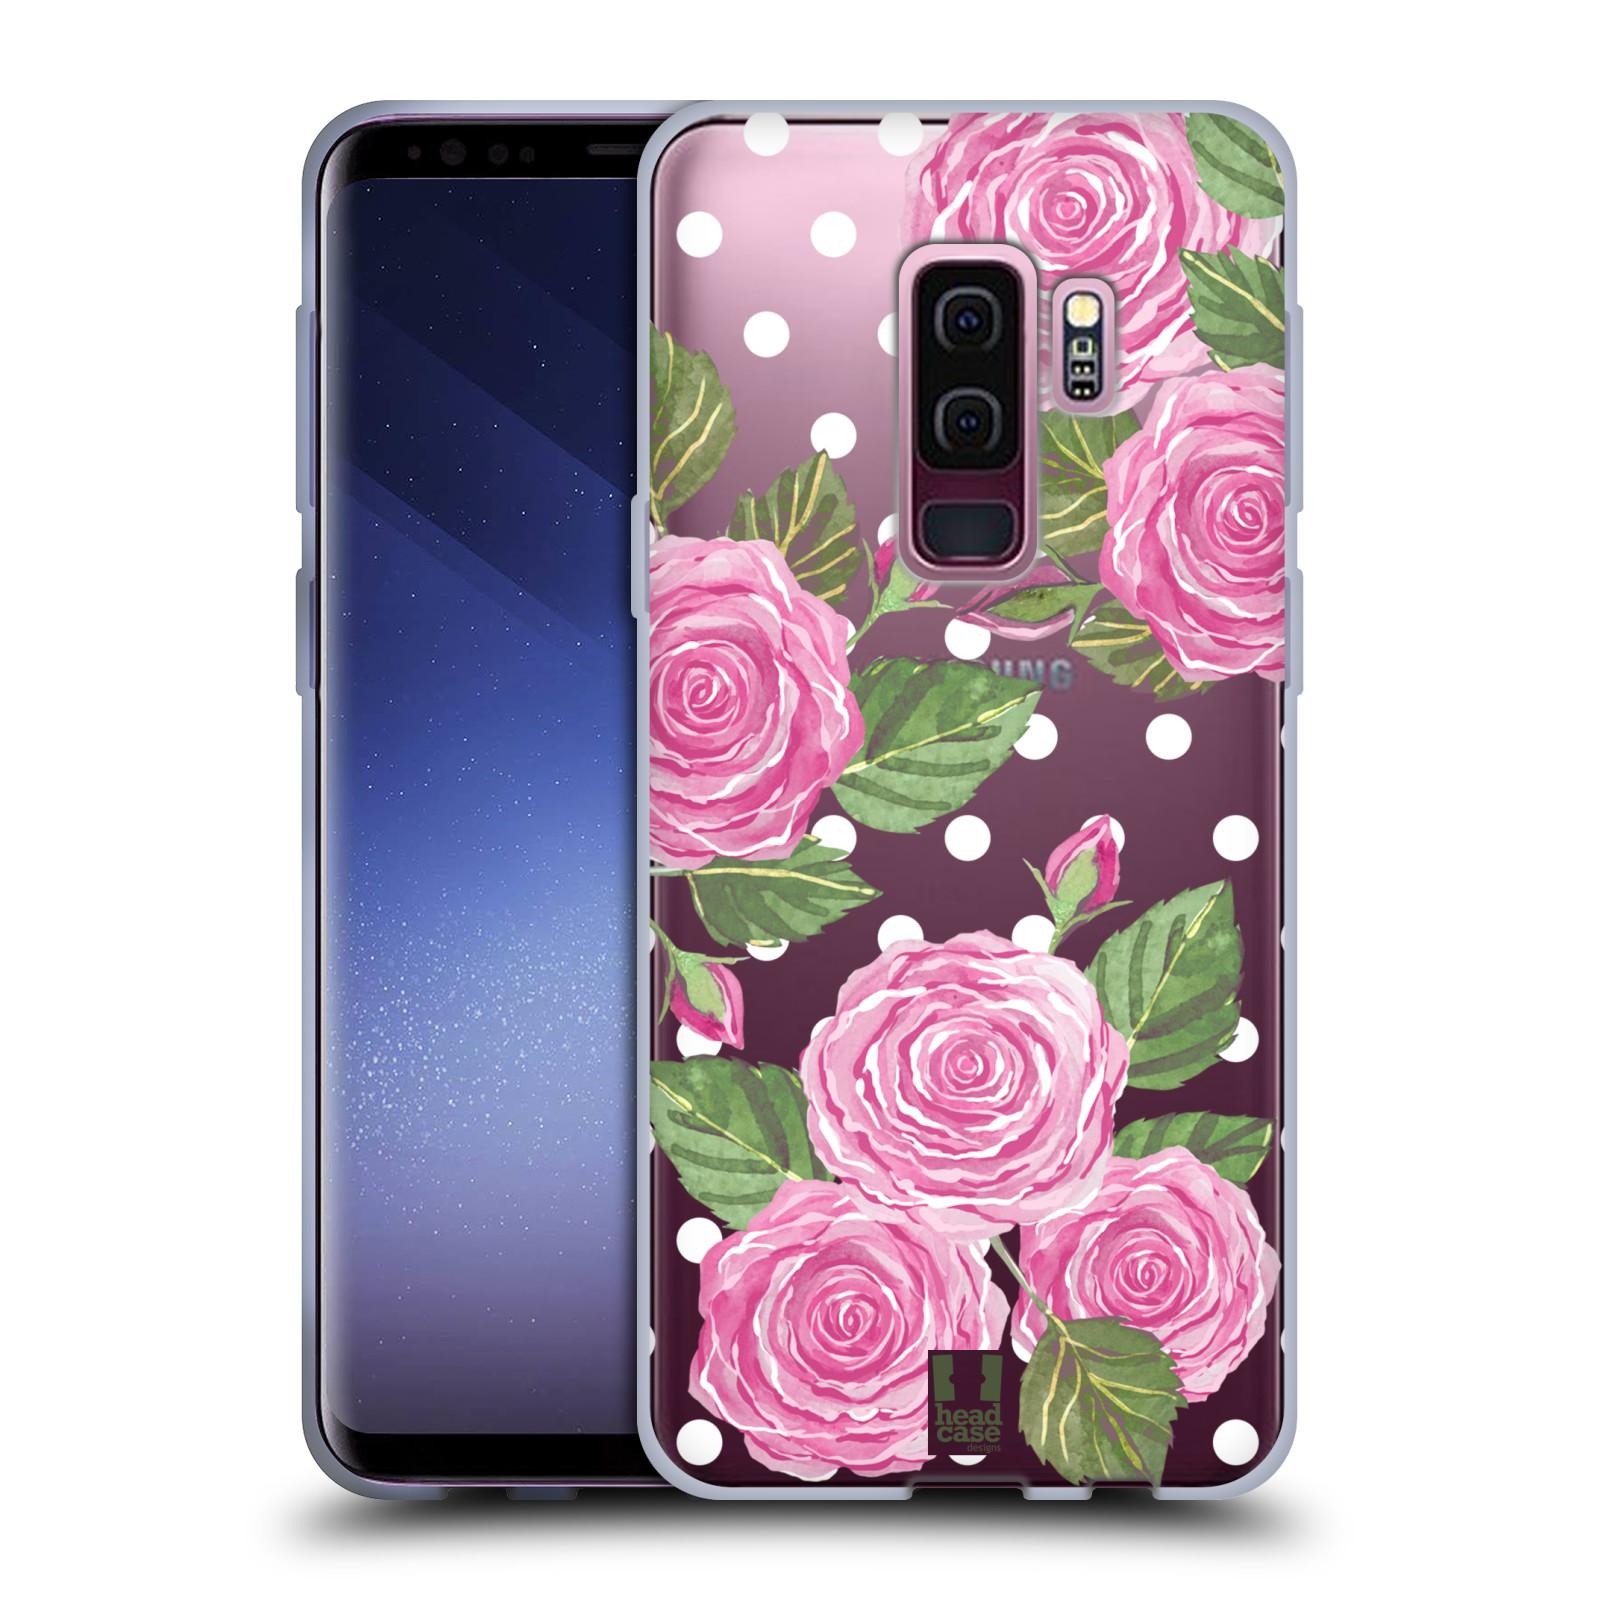 Silikonové pouzdro na mobil Samsung Galaxy S9 Plus - Head Case - Hezoučké růžičky - průhledné